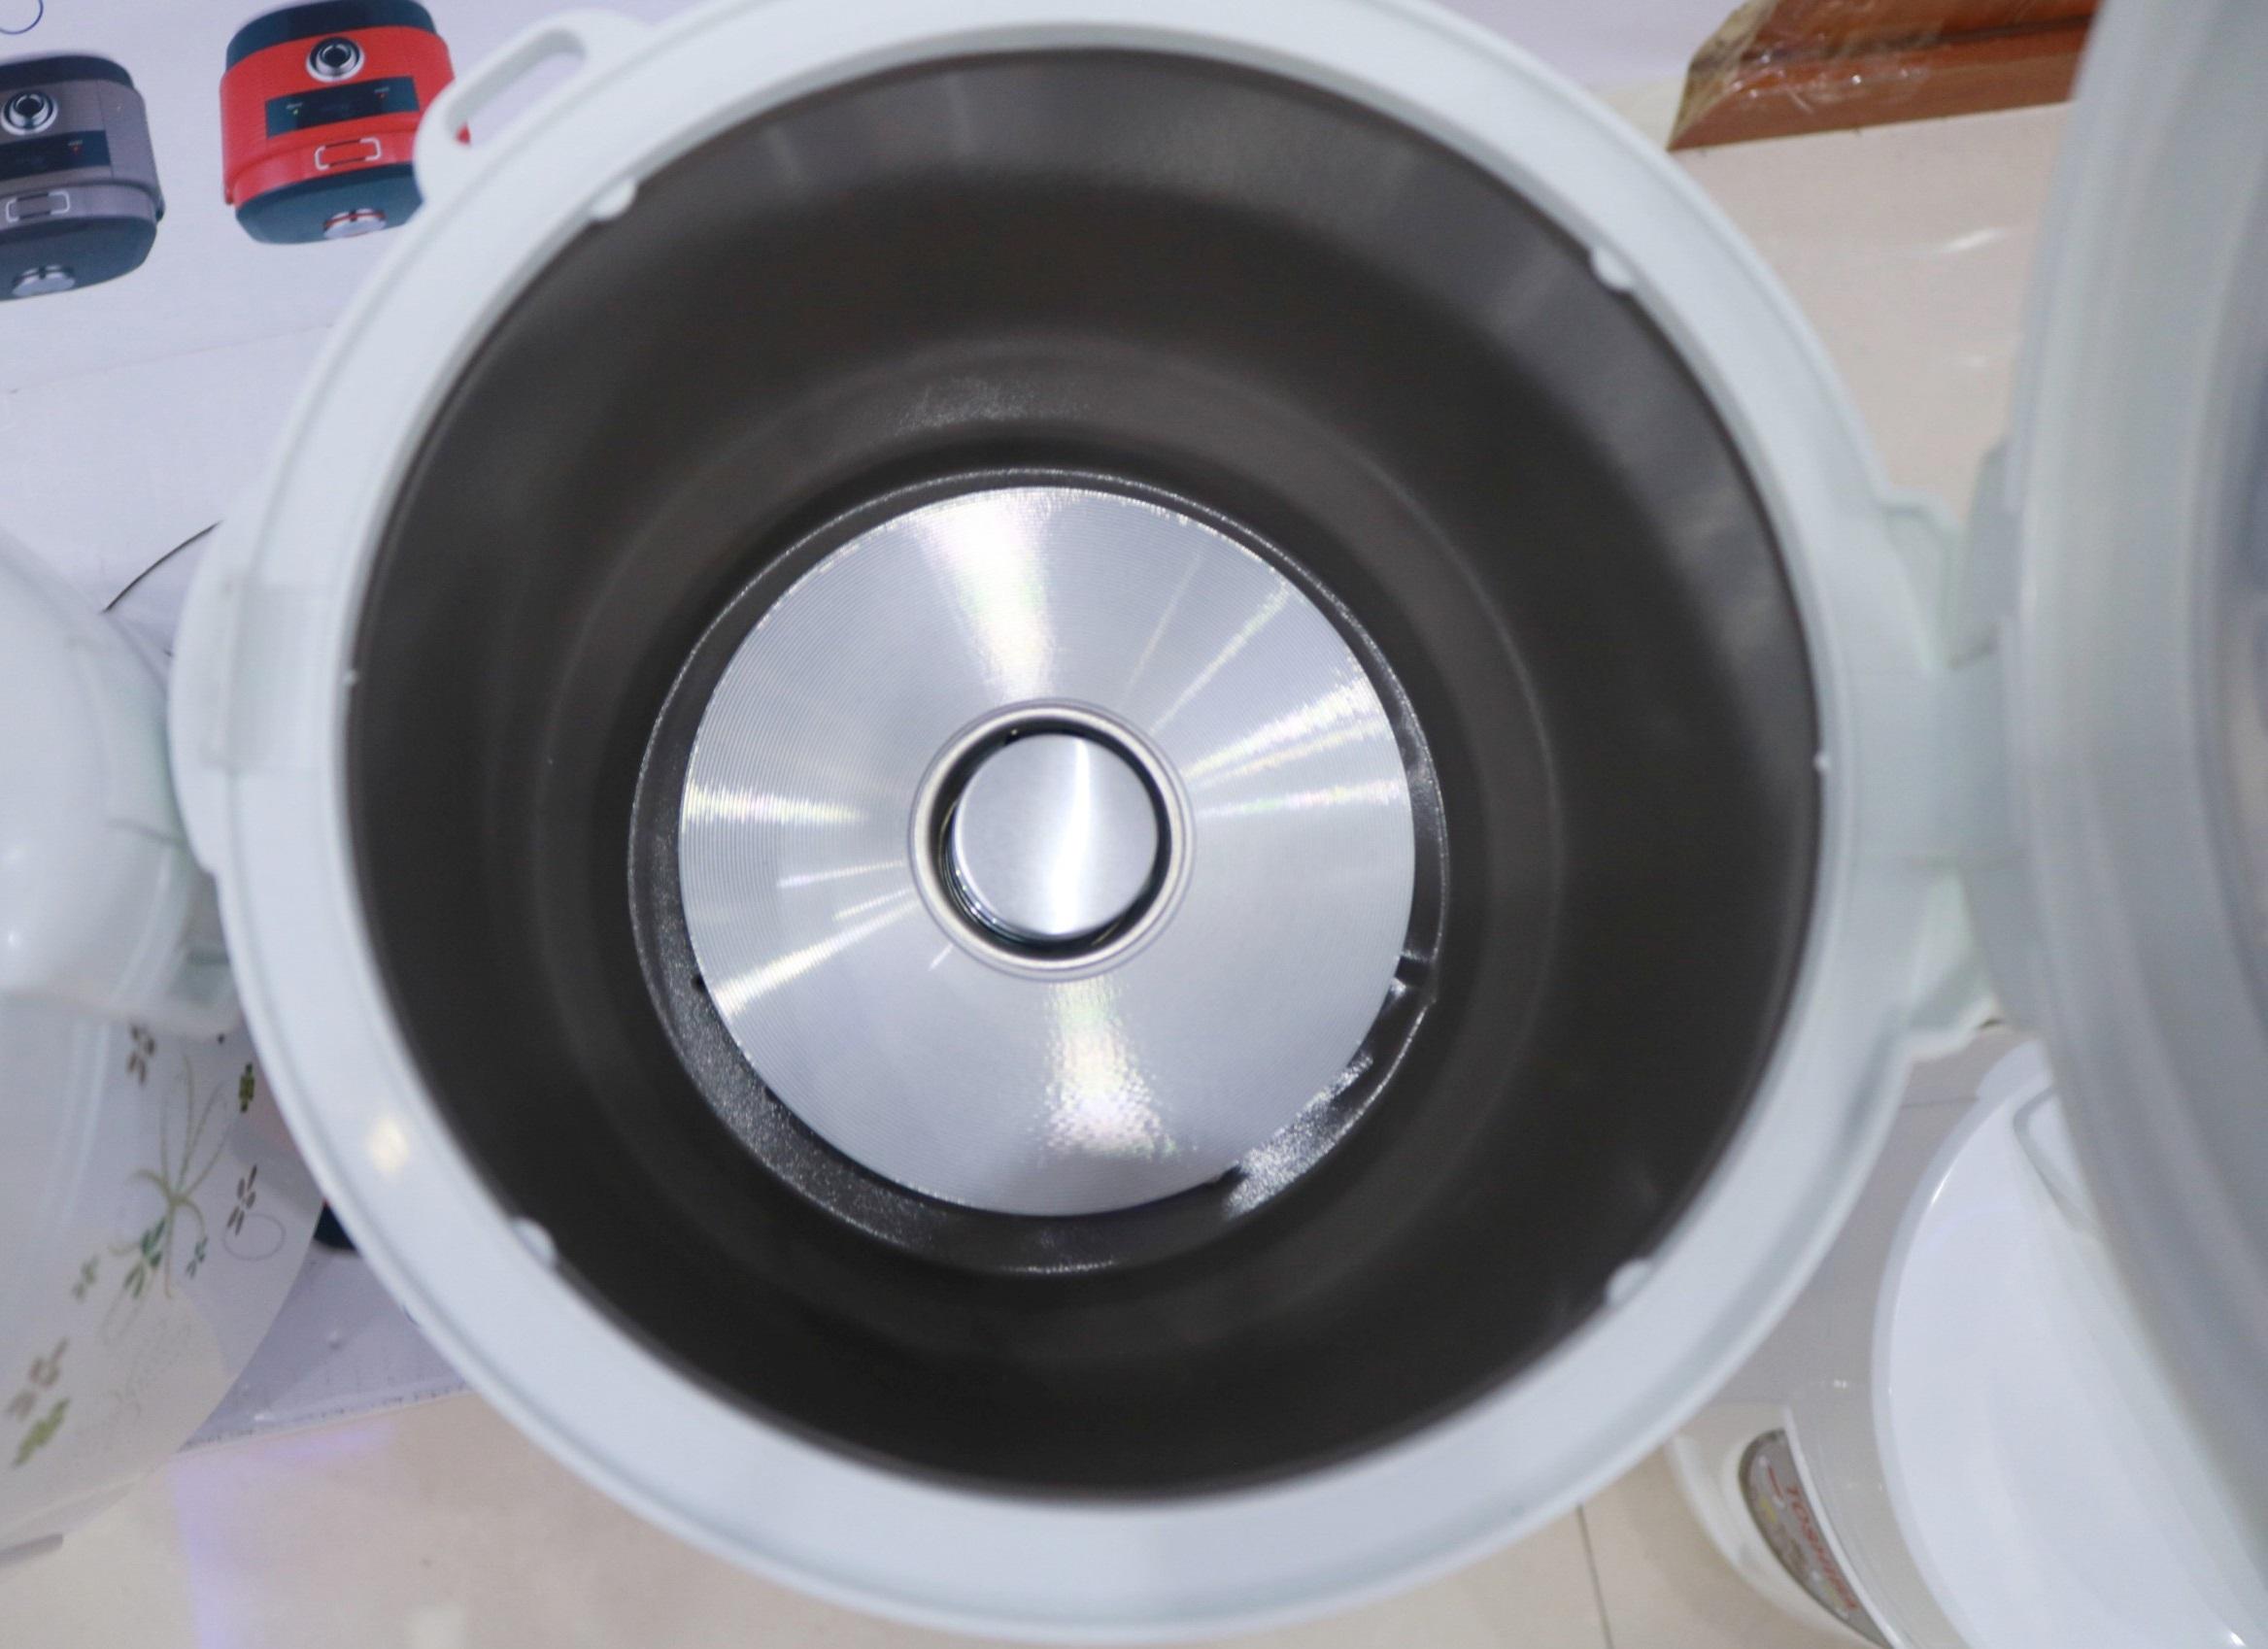 Hình ảnh Nồi Cơm Điện Mini Nhập Khẩu Có Chống Dính Dung Tích 1 Lít - Bảo Hành 12 tháng